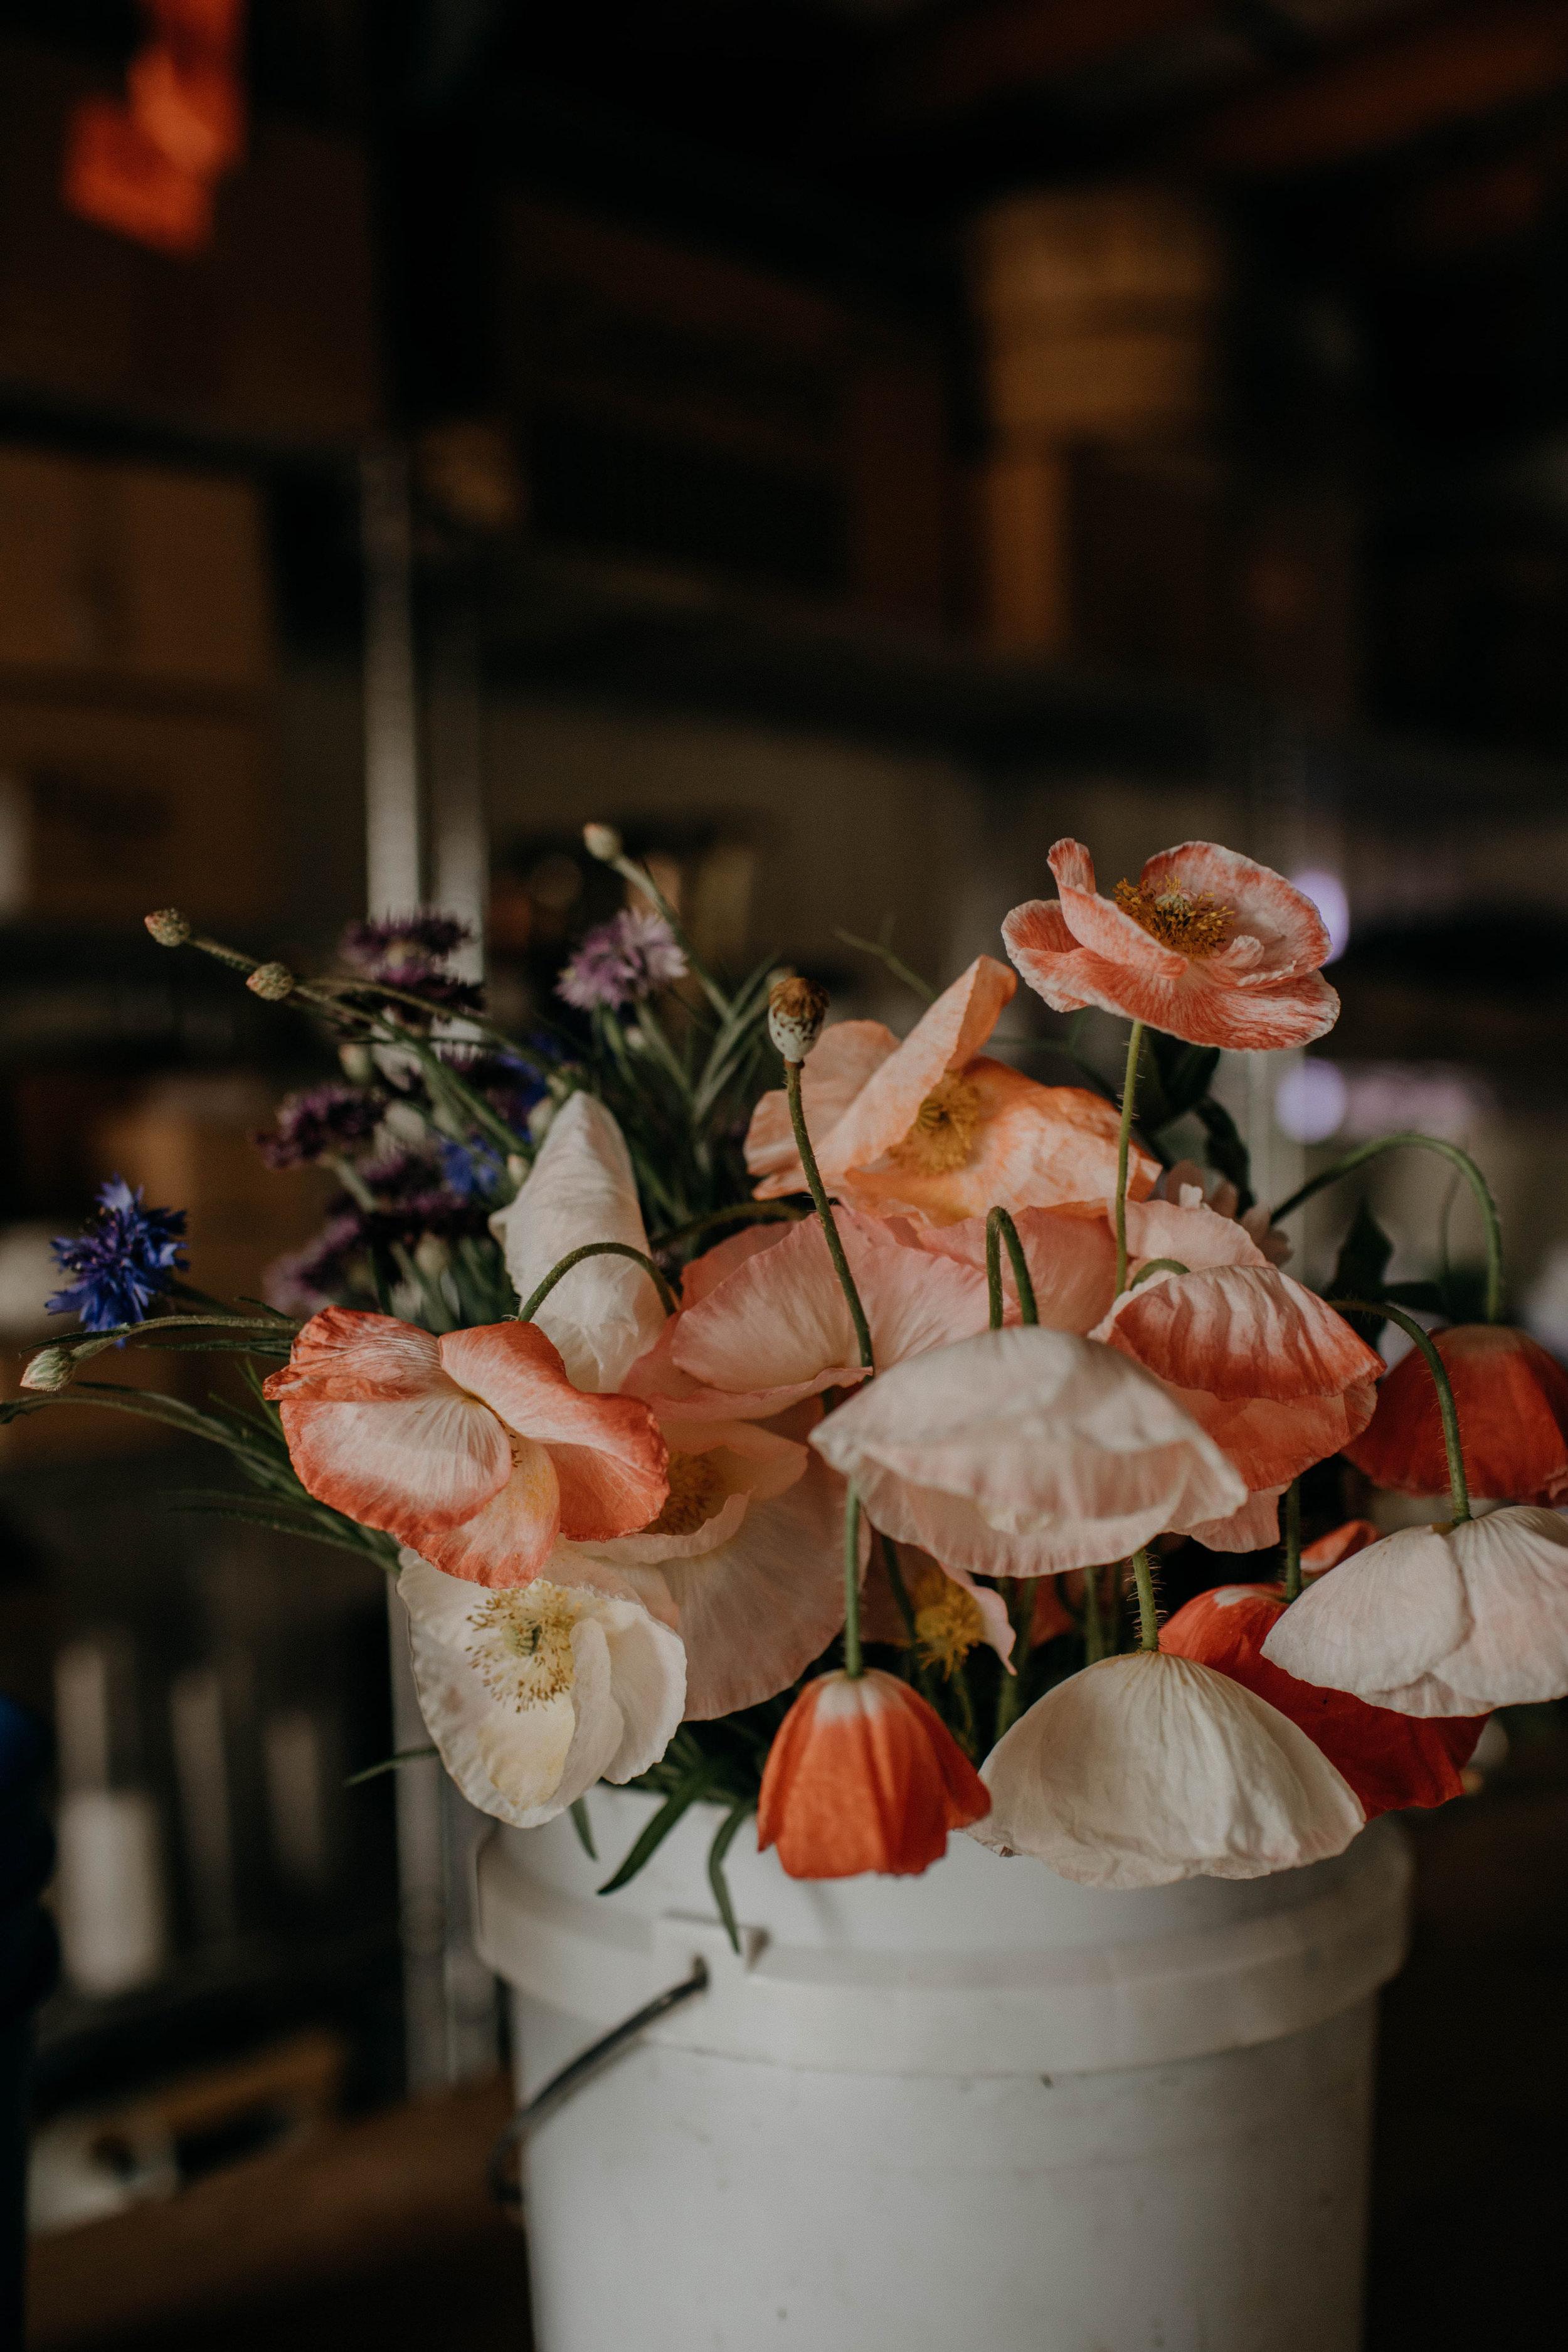 nashville floral workshop nashville tennessee wedding photographer38.jpg